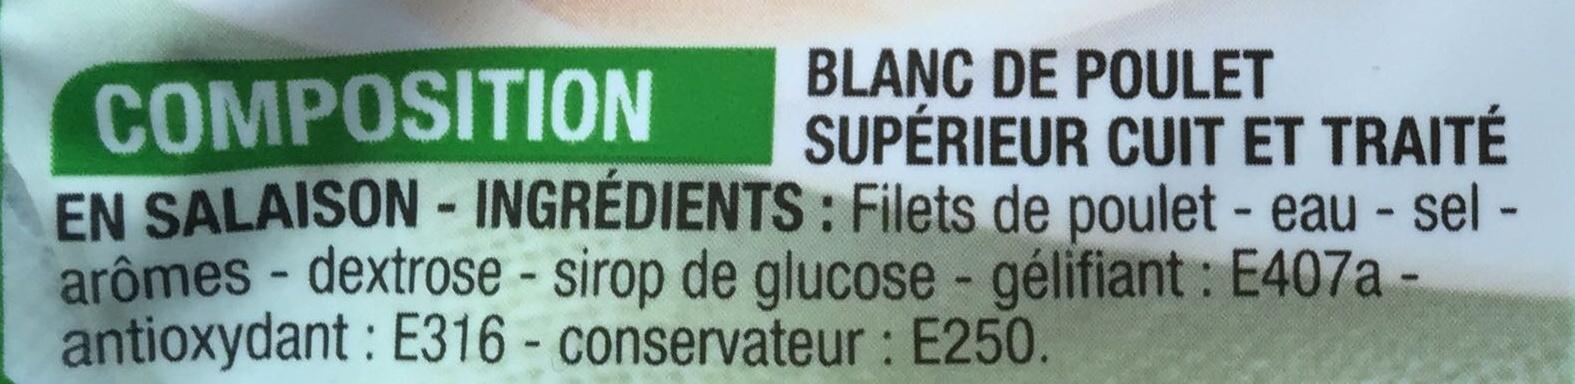 Jambon de poulet 60g - Ingrédients